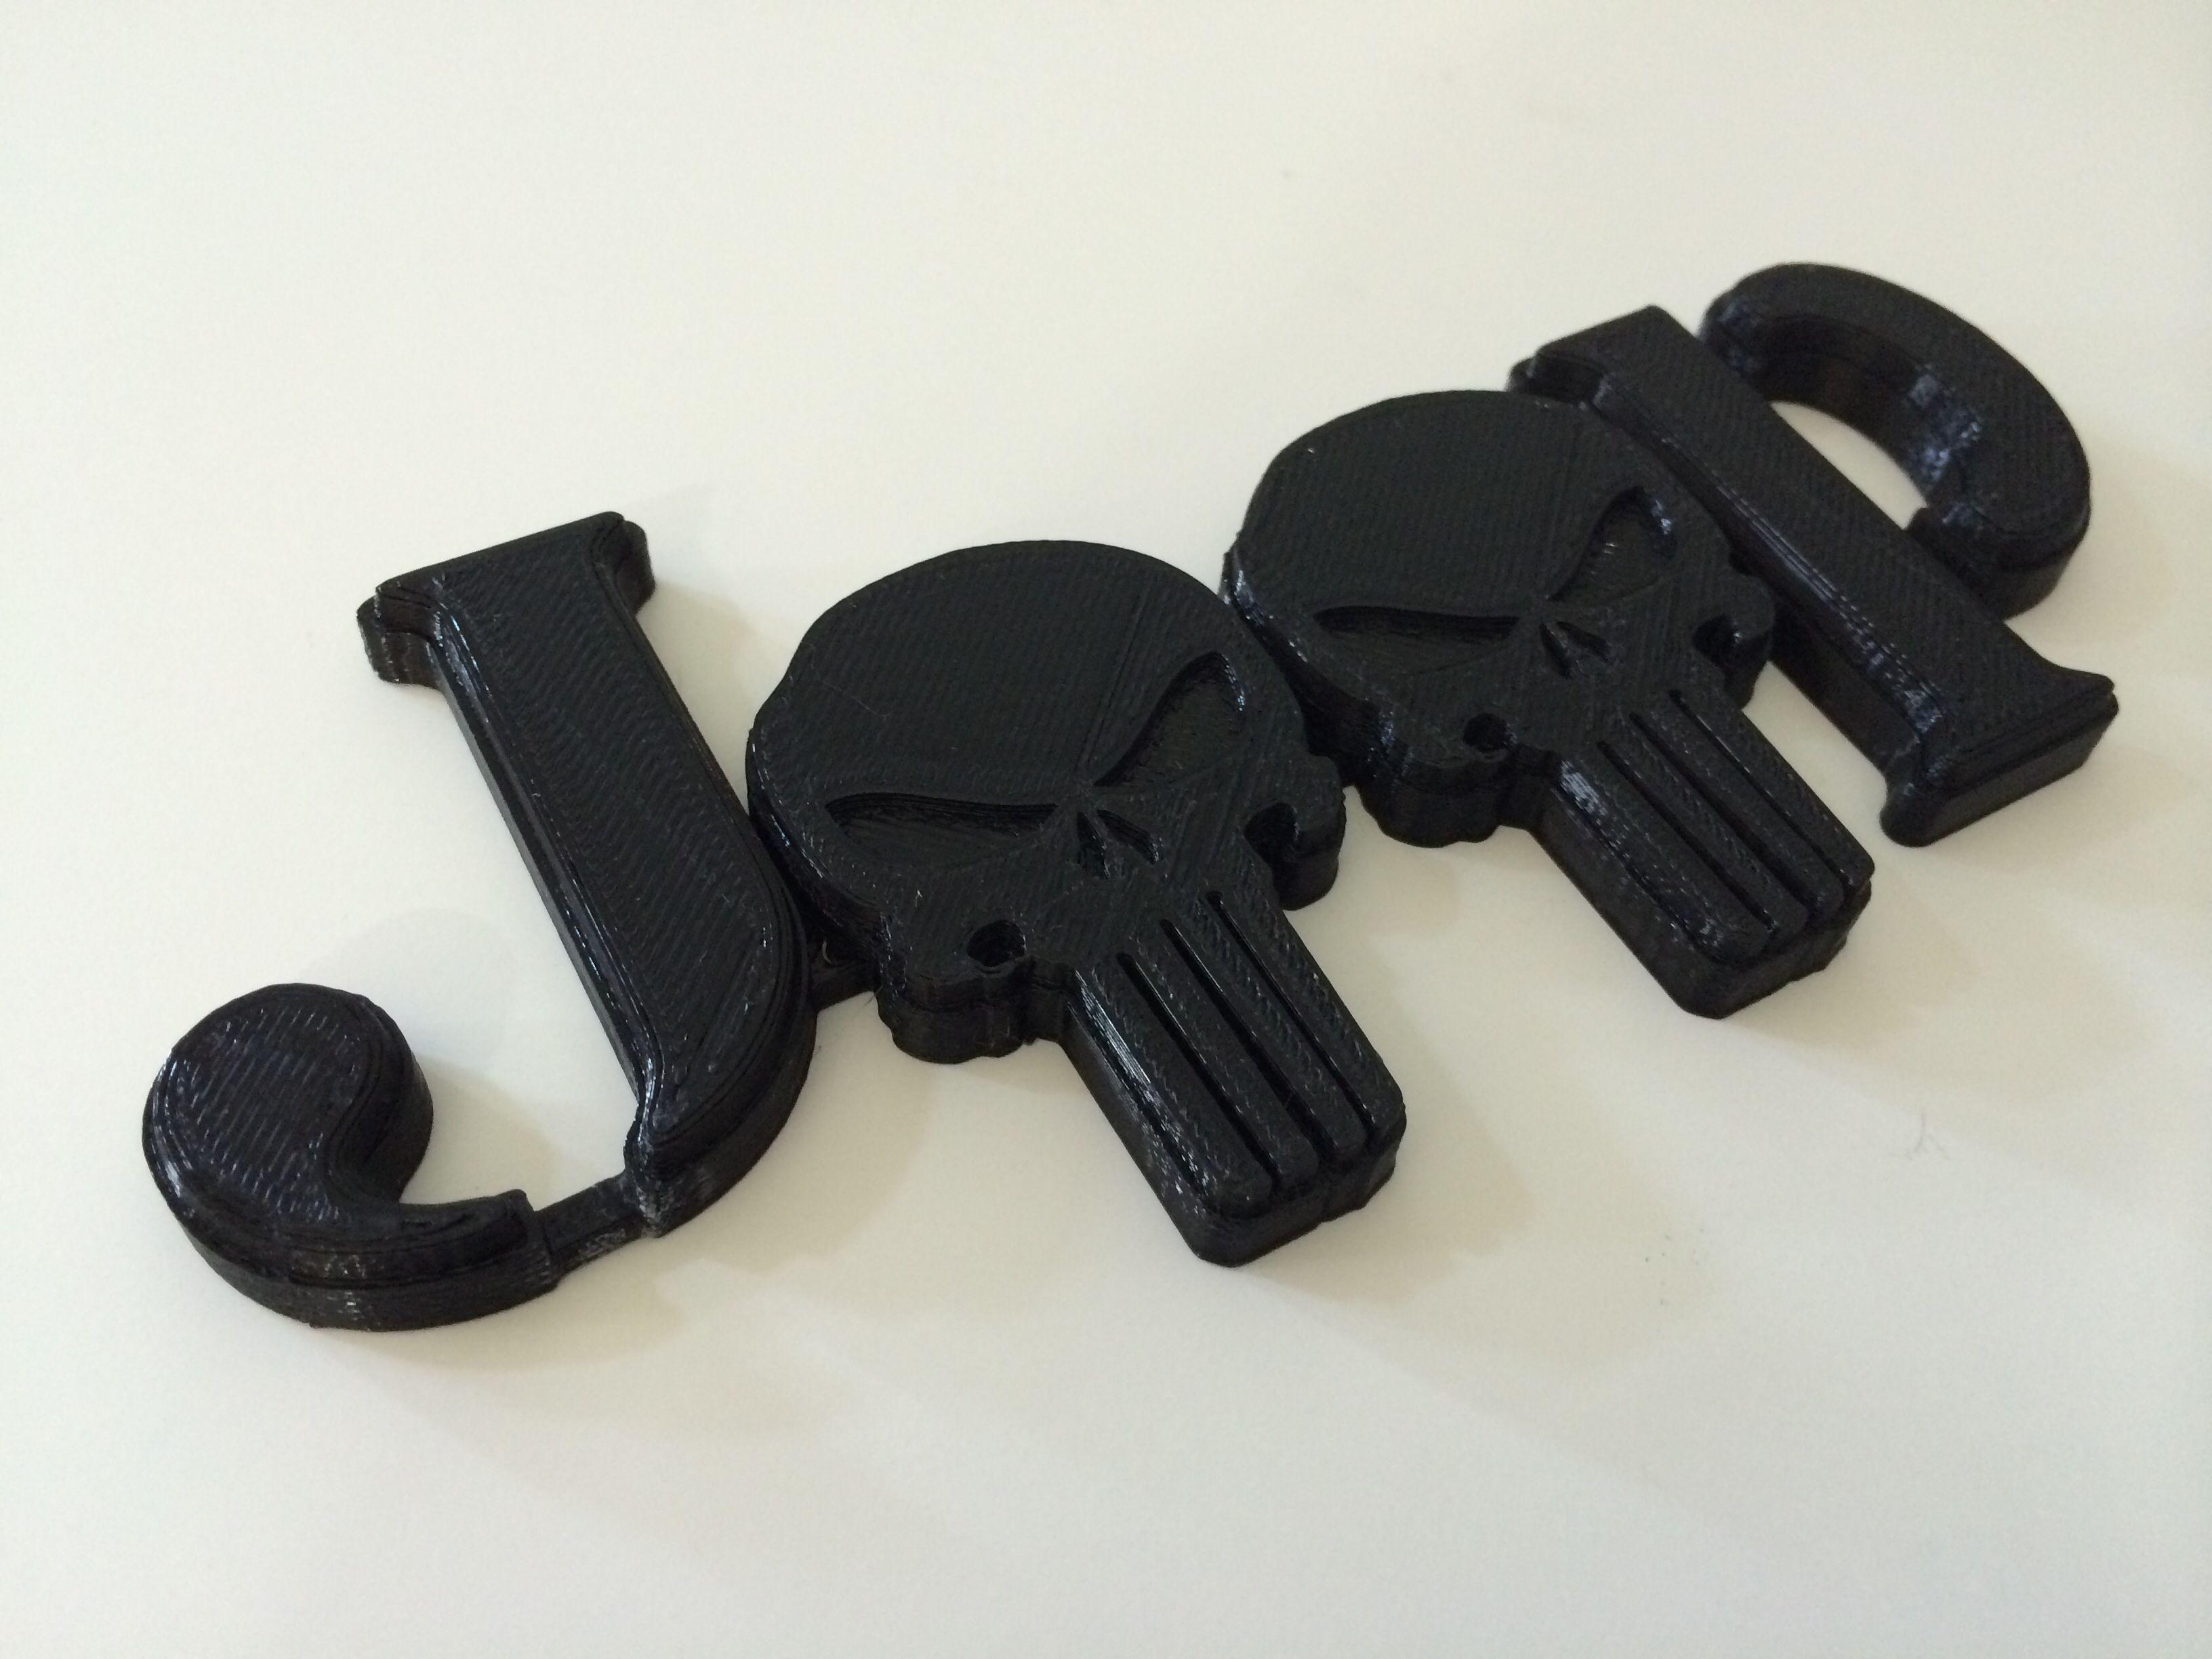 Punisher Emblems For Jeeps Www Cuzitscustom Com Jeep Xj Jeep Jk